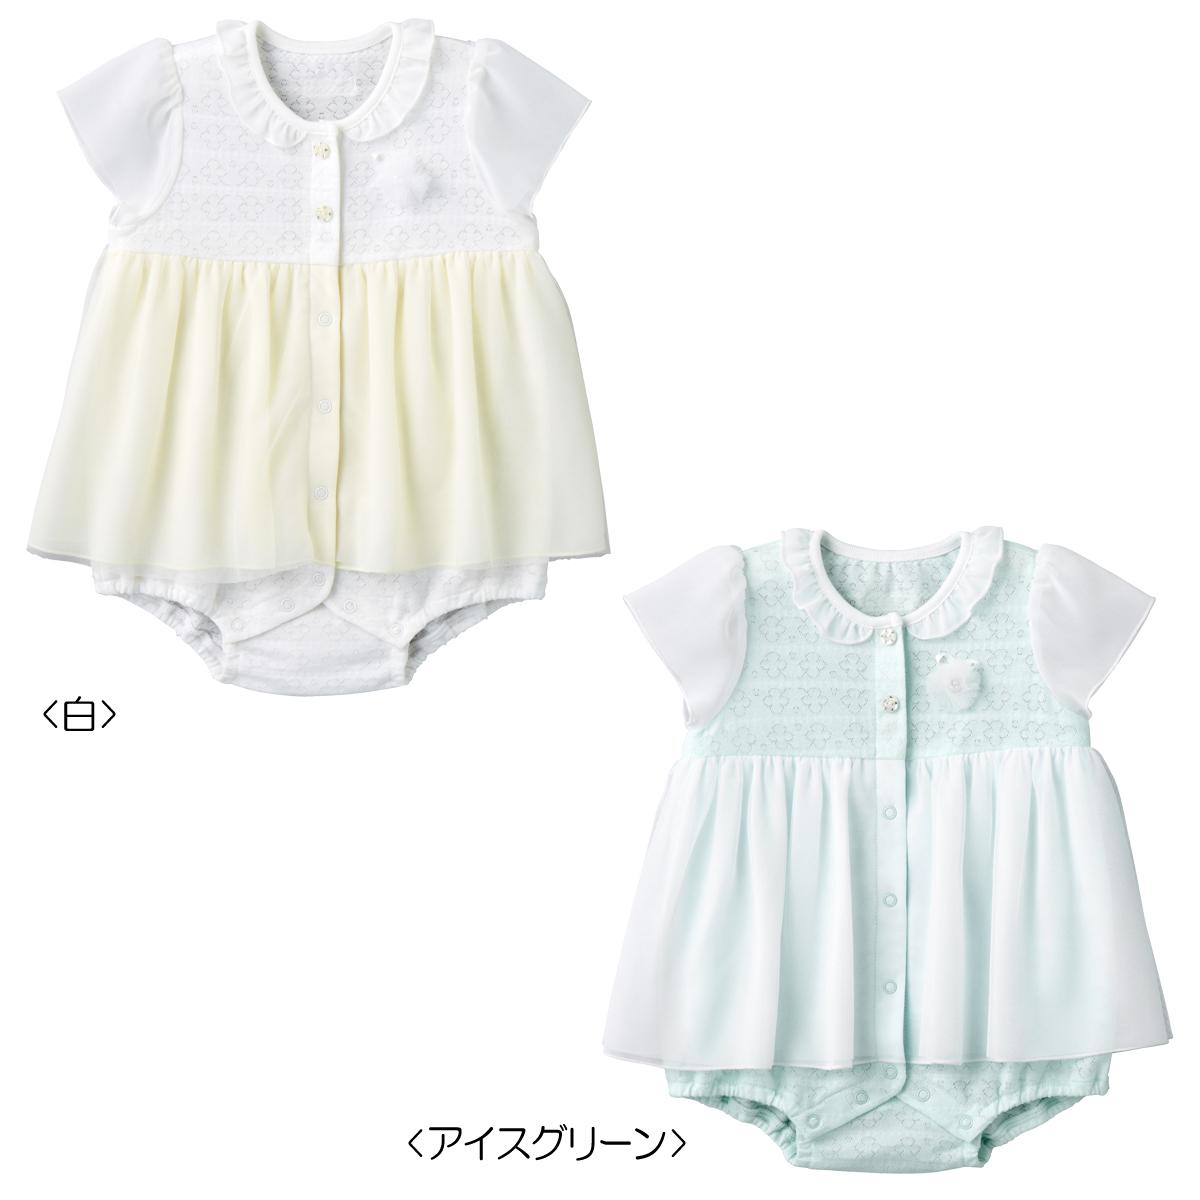 ミキハウス mikihouse シフォンフリル付きフォーマルショートオール(70cm・80cm) ベビー服 子供服 ロンパース 女の子 前開き